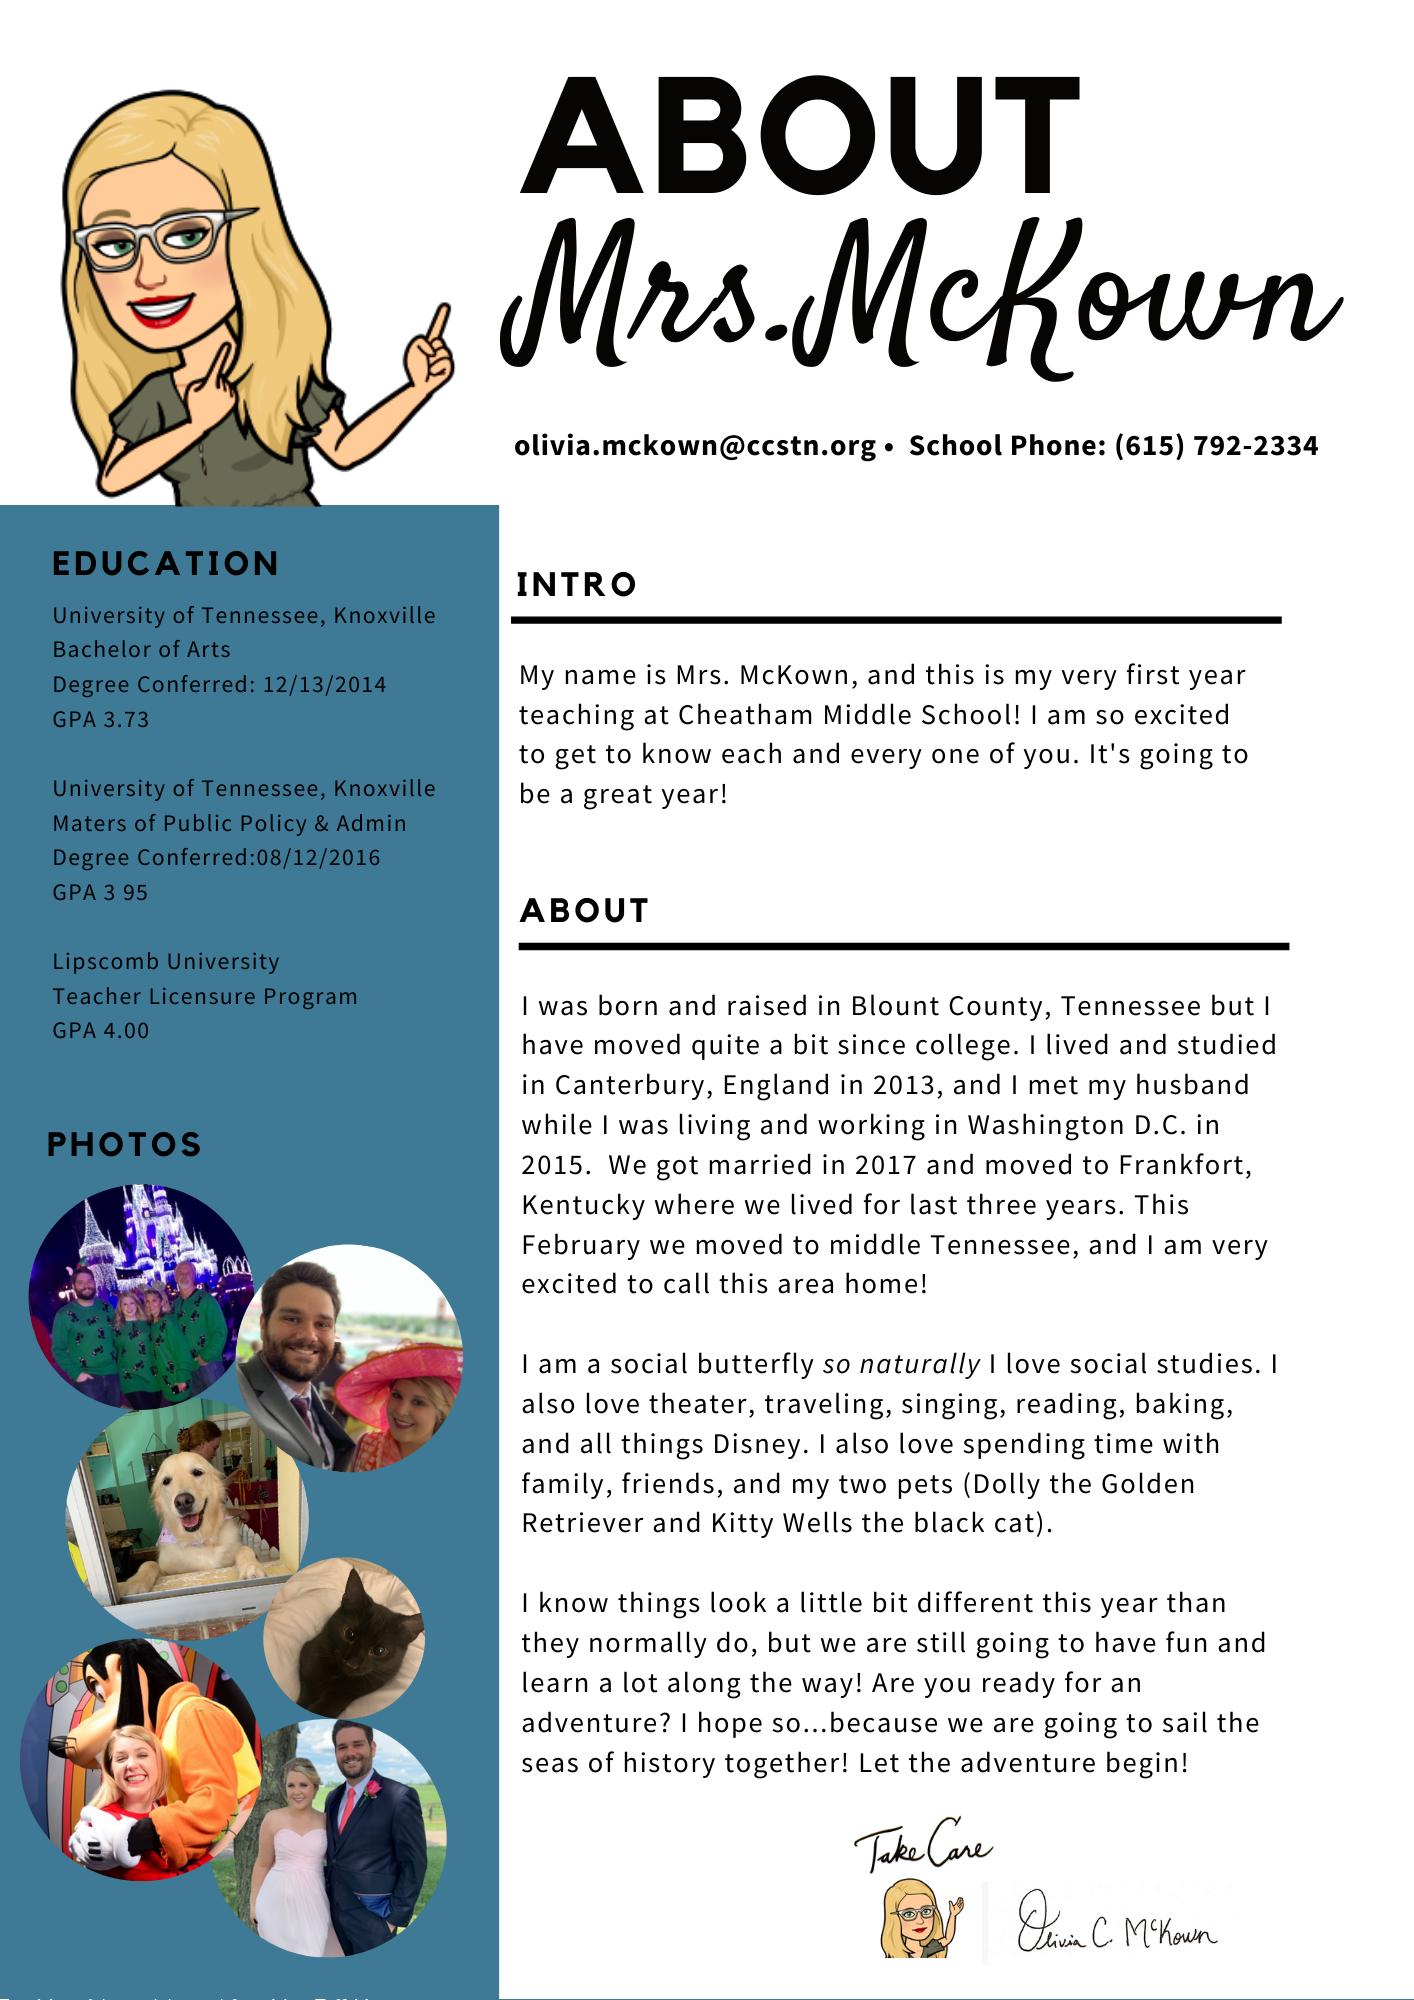 About Mrs. Mckown